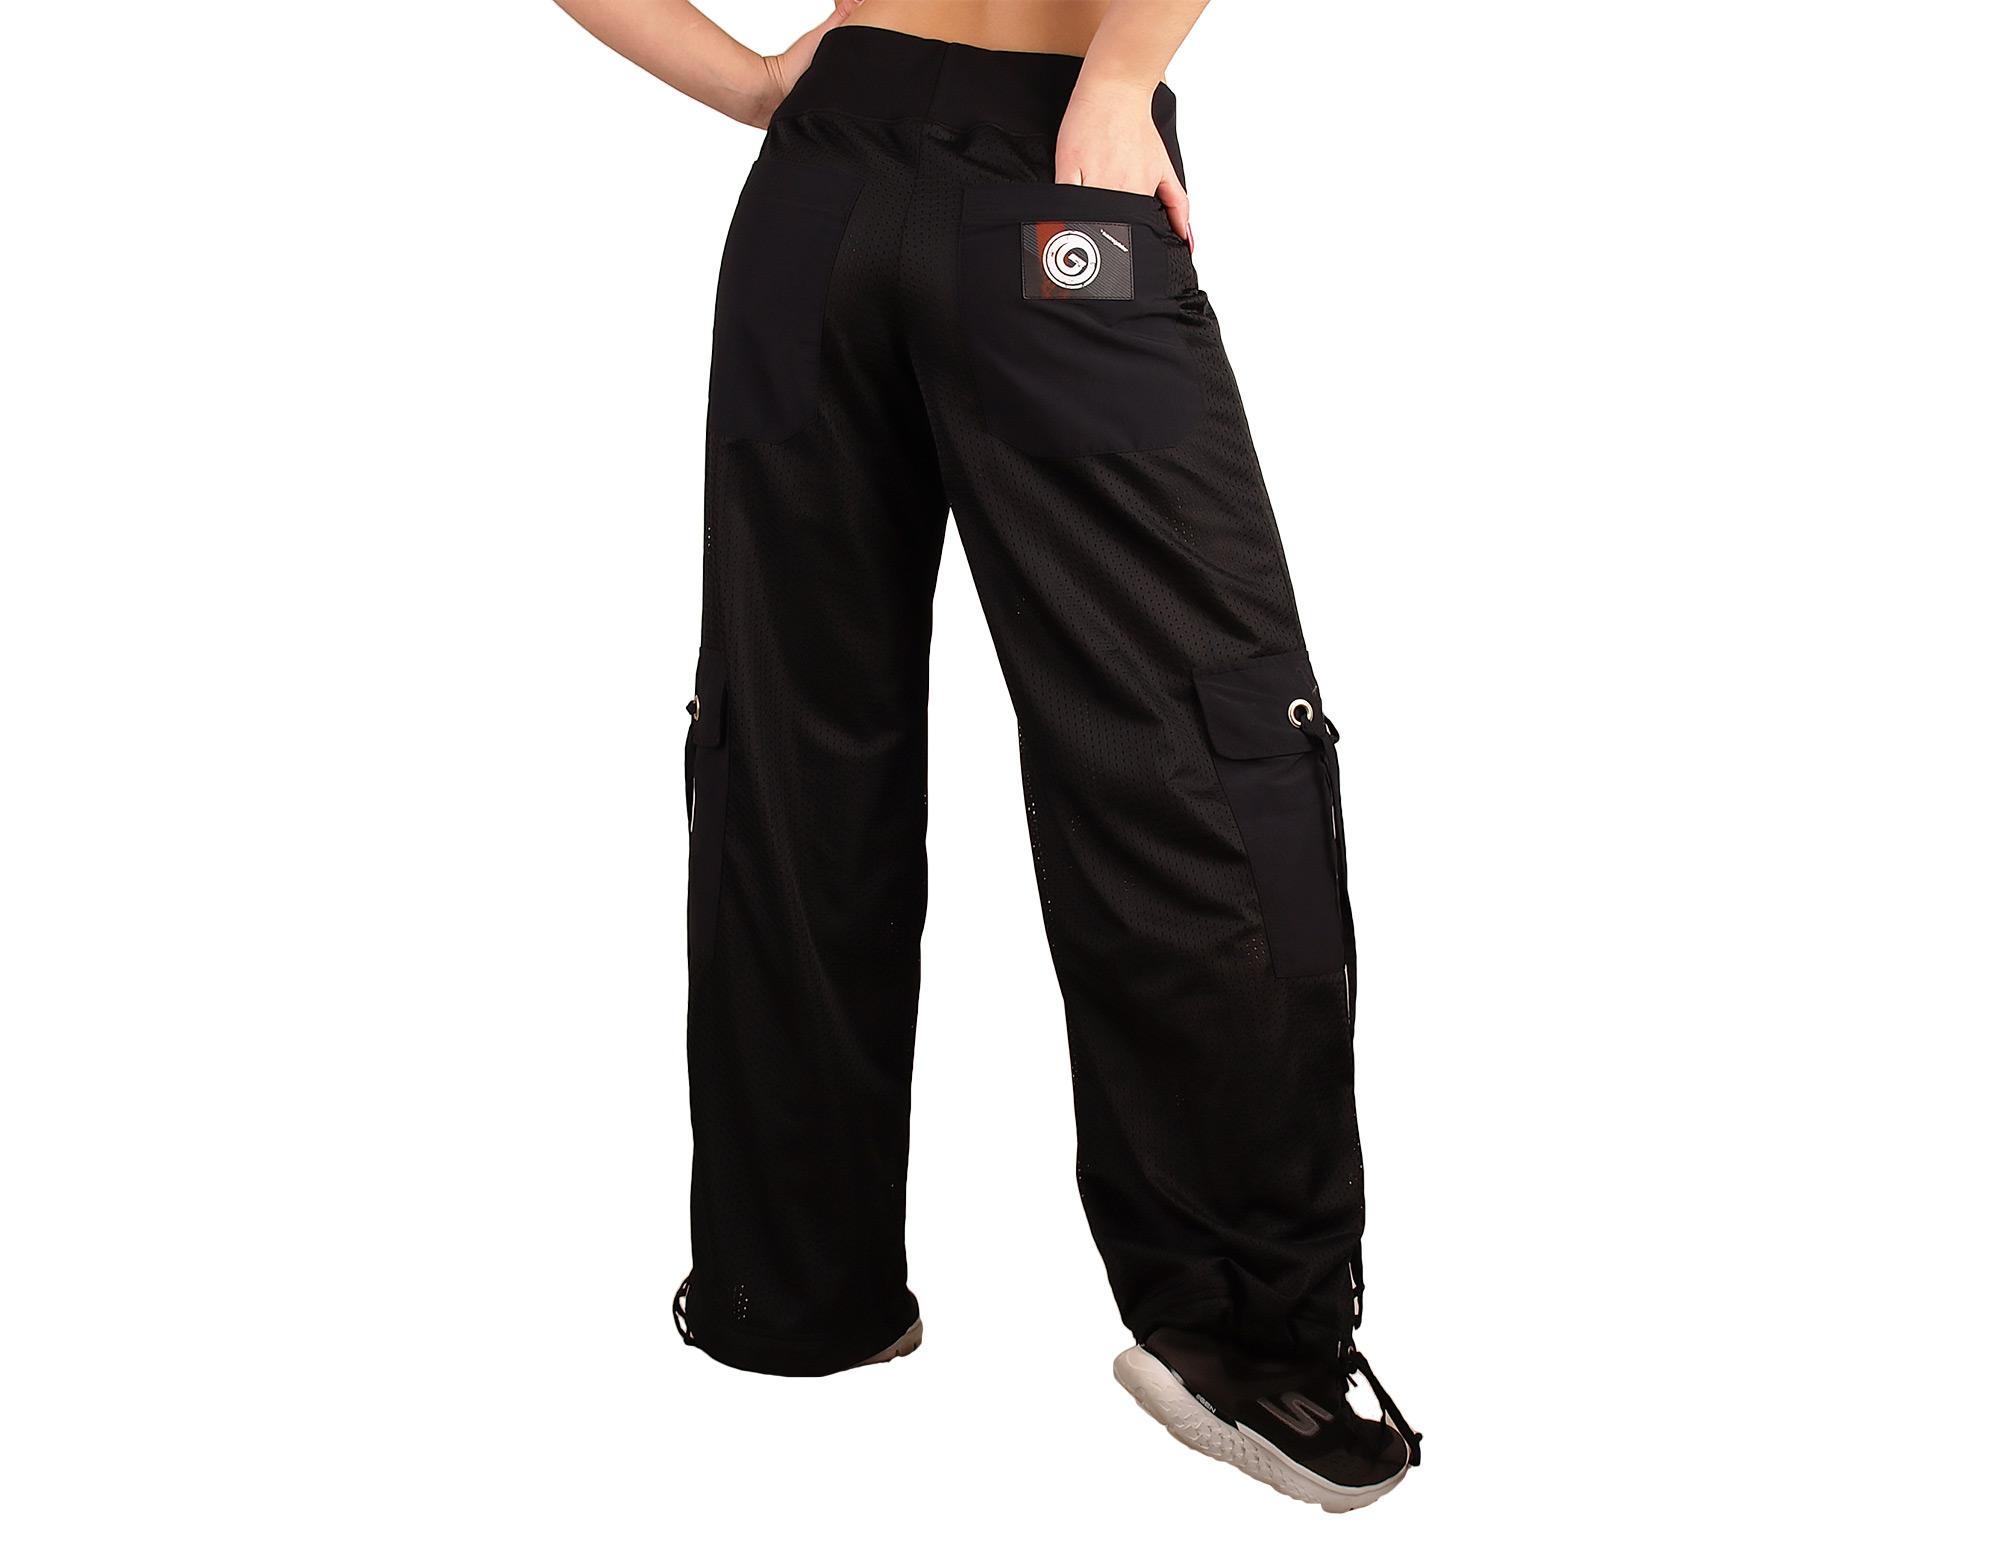 Pantalon de sport femme, coupe droite